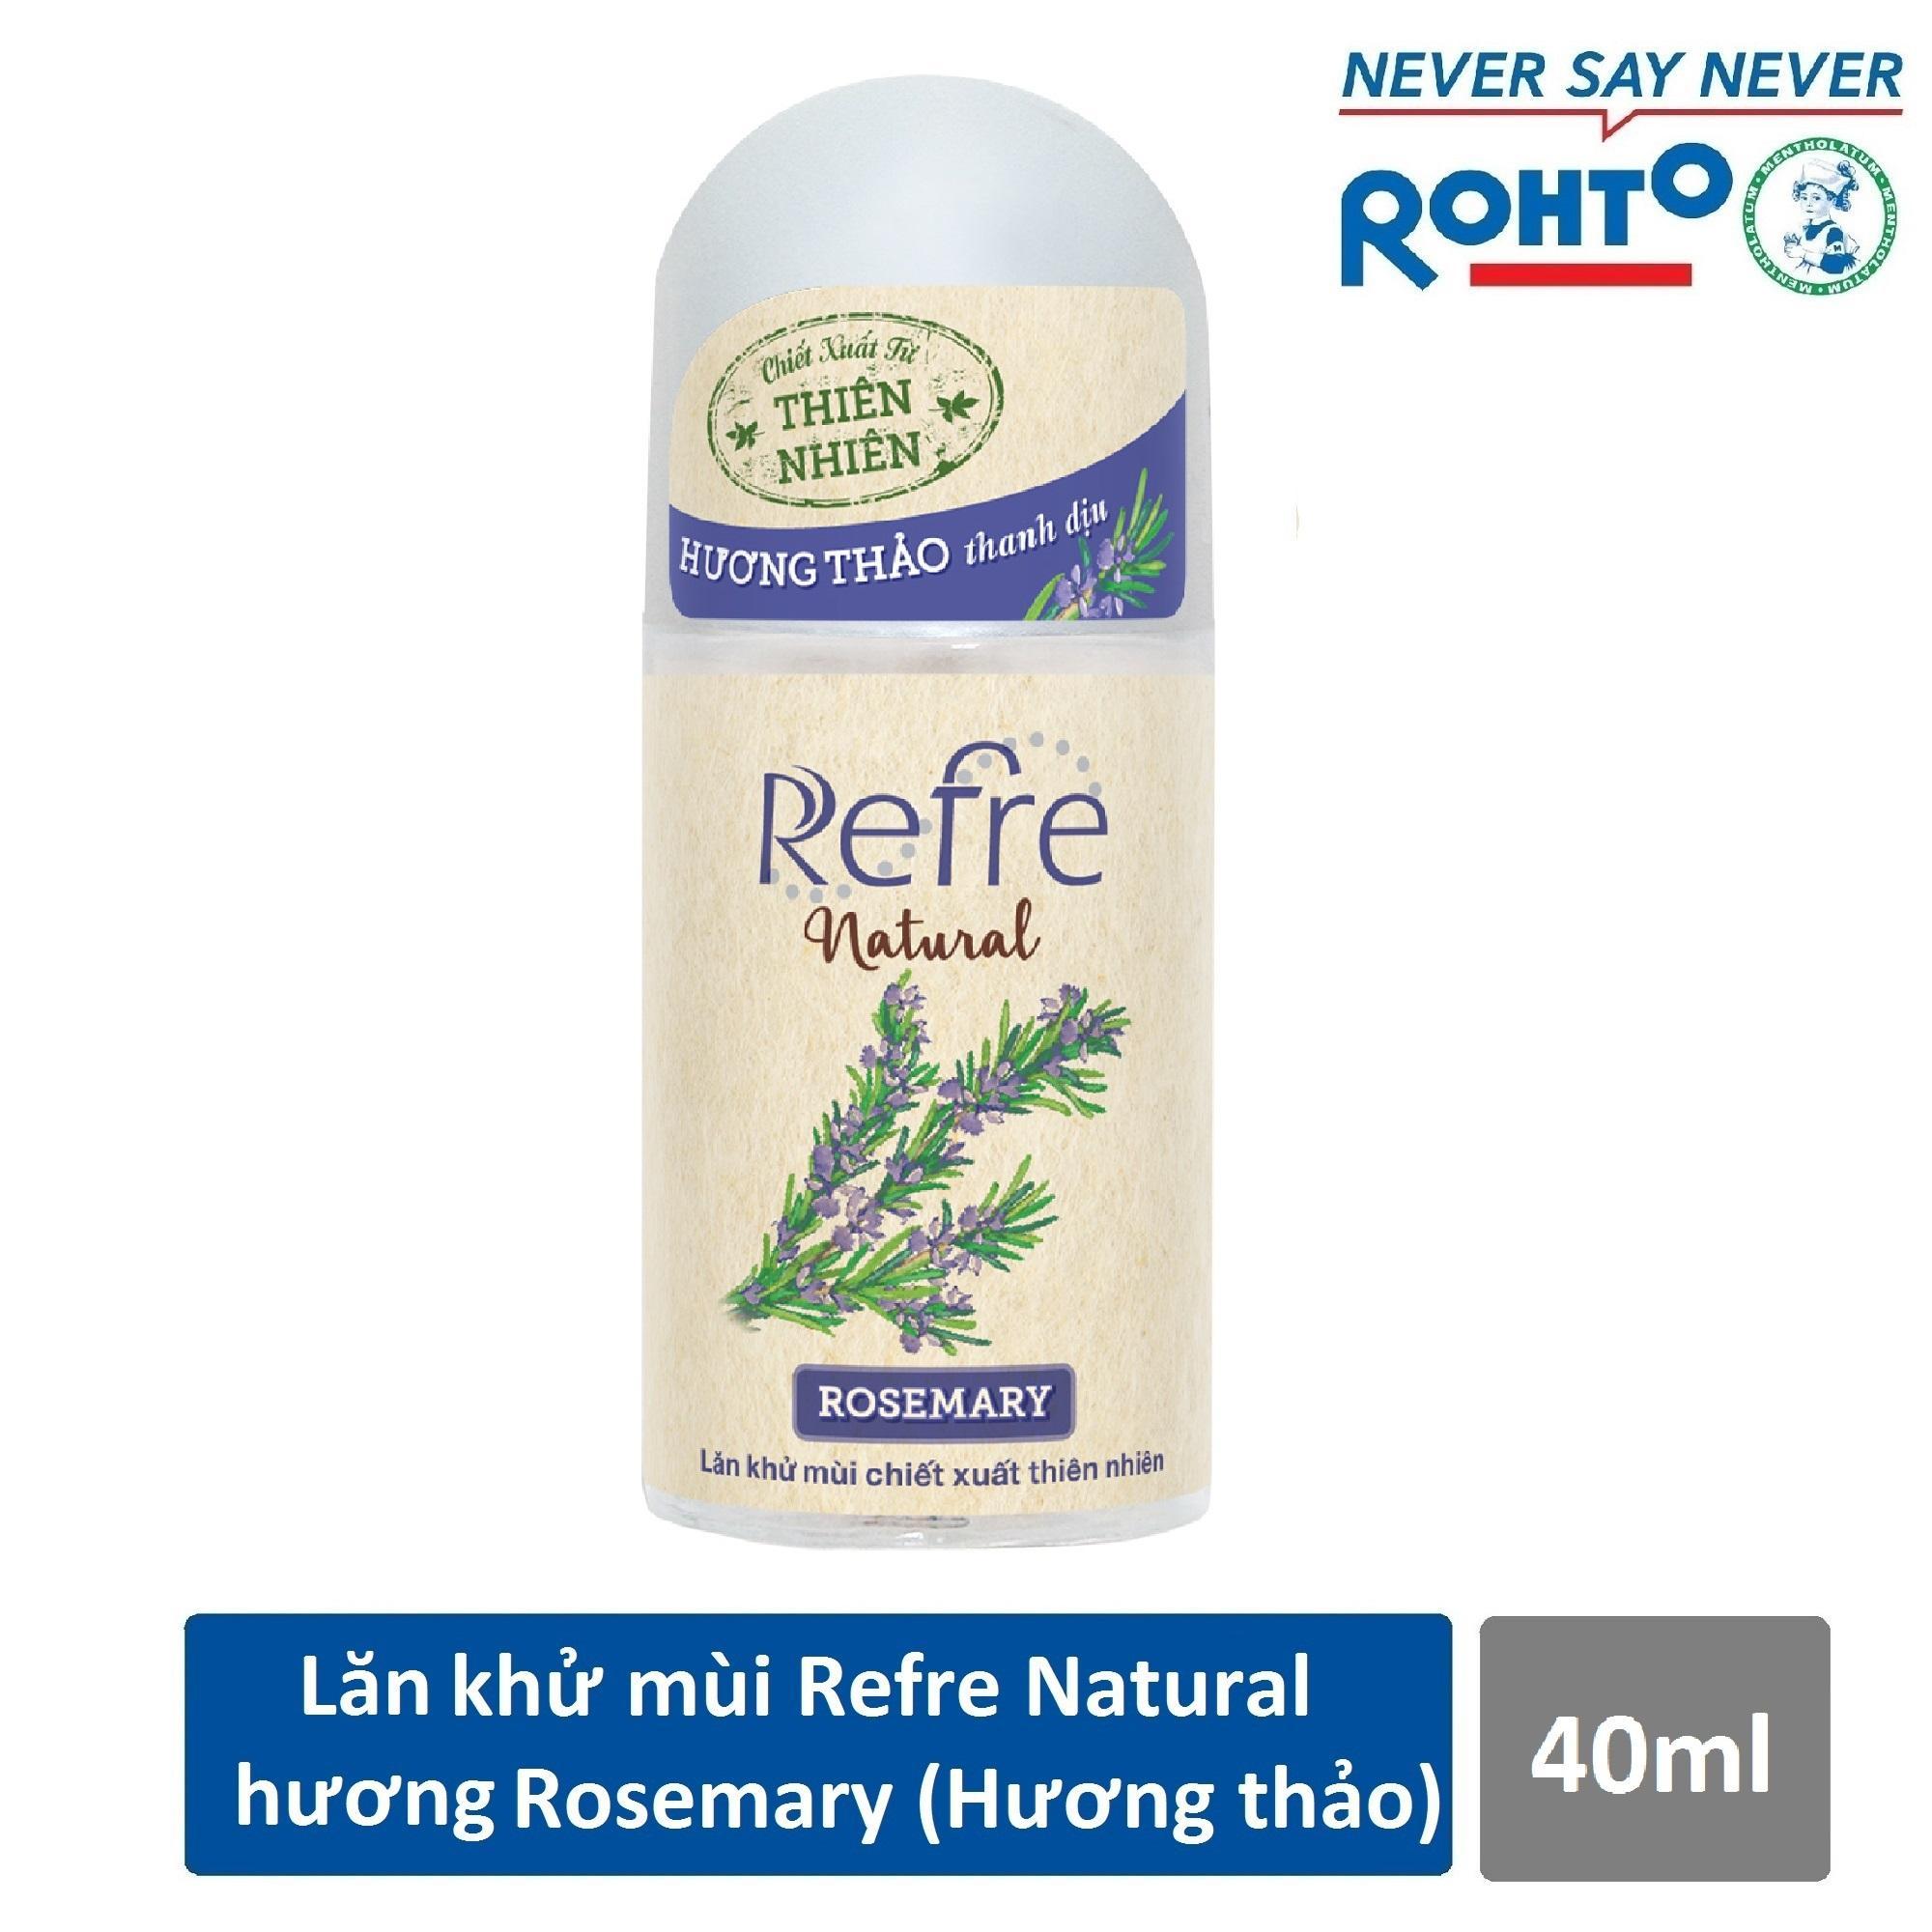 Lăn khử mùi Refre Natural Rosemary Hương Hương Thảo 40ml